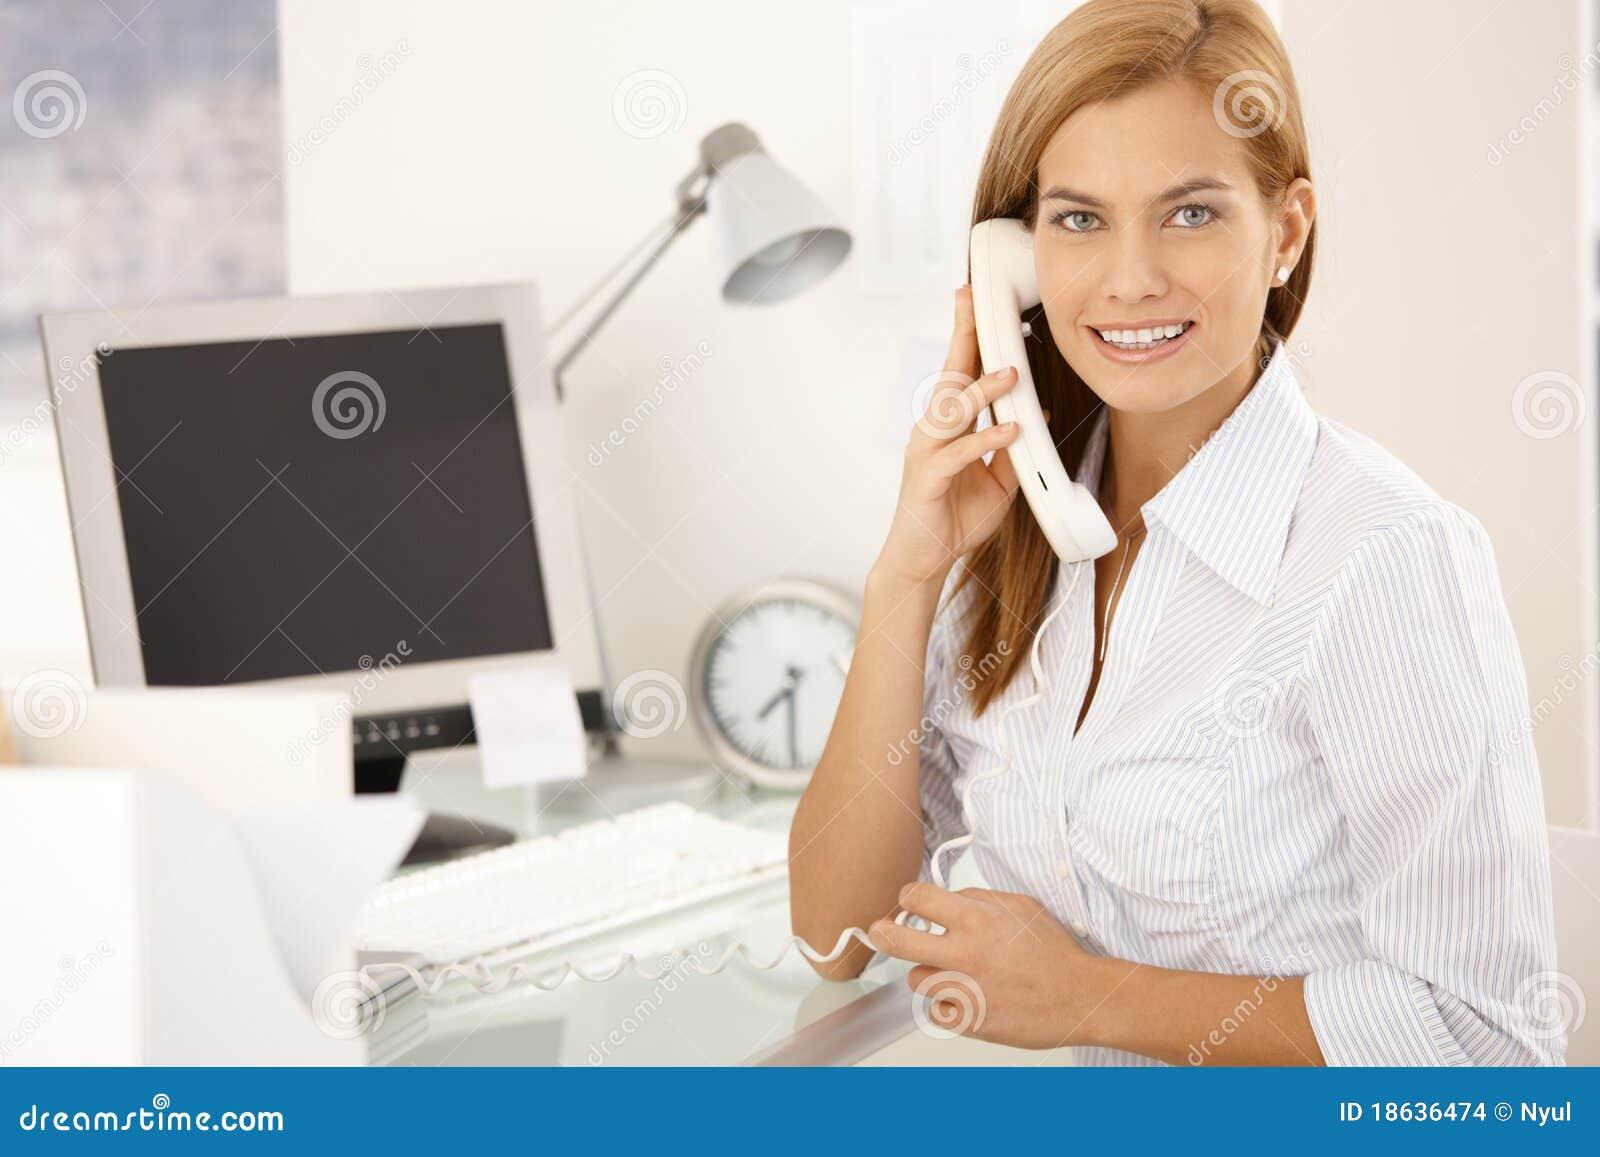 Muchacha de oficina feliz en llamada de tel fono de la for La oficina telefono